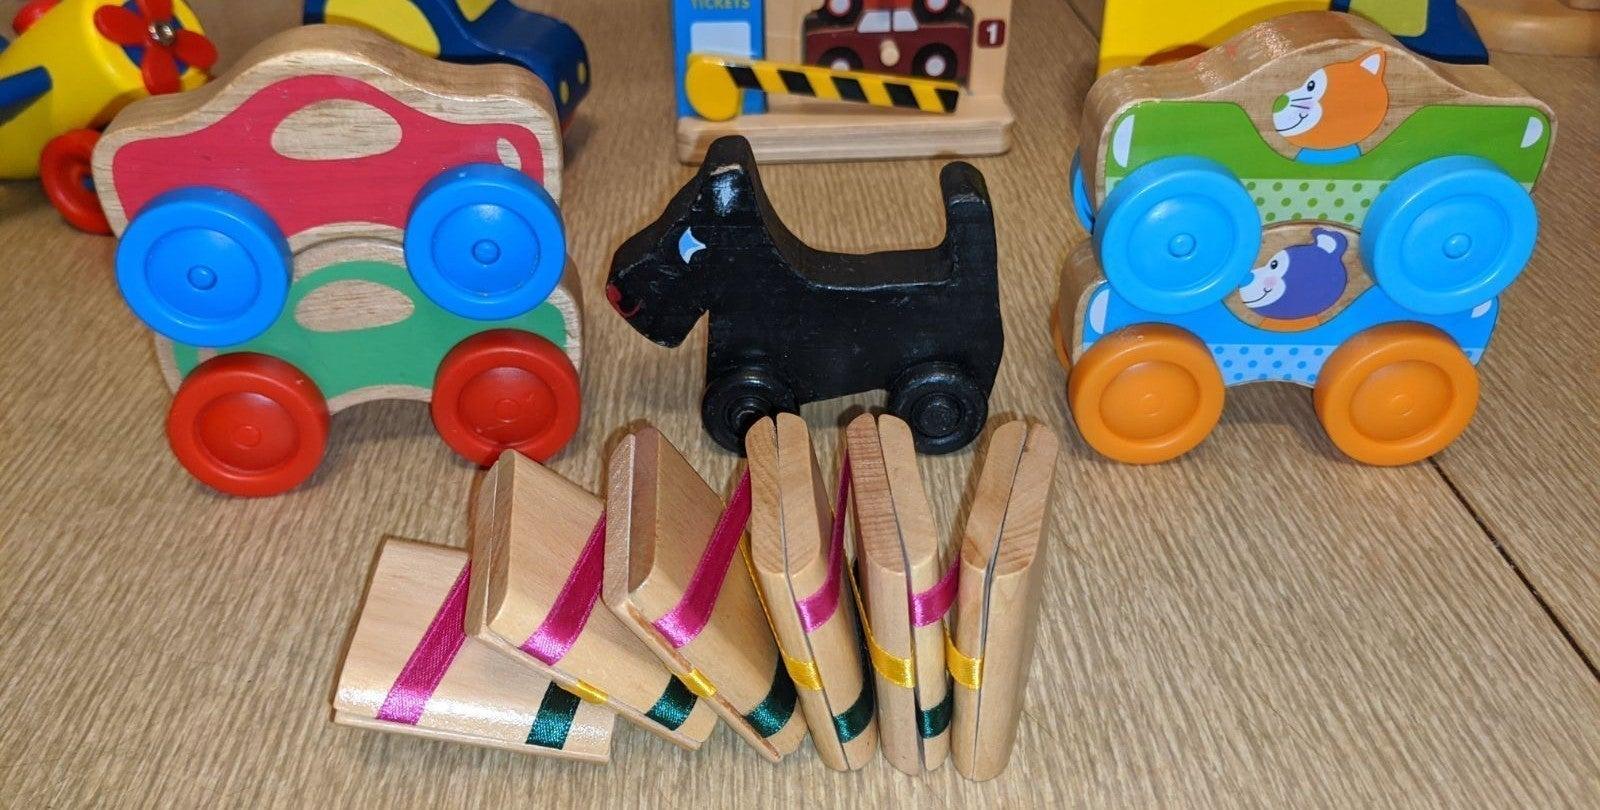 Wooden Toys Melissa & Doug Lot